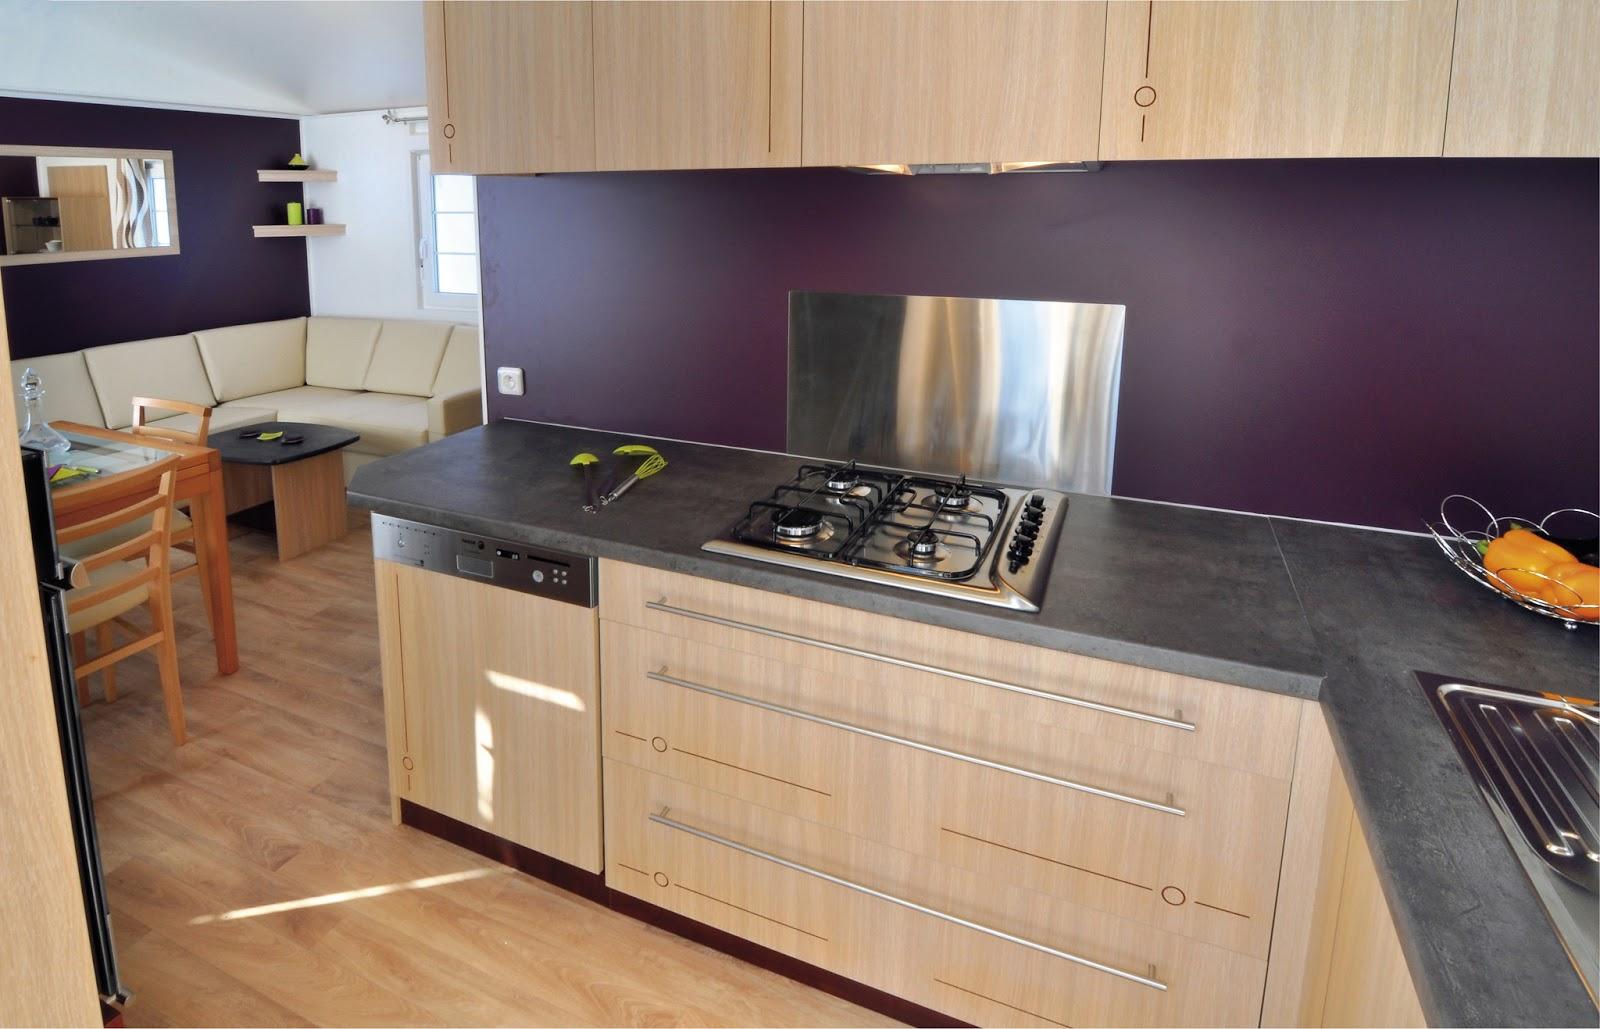 Nett Schrank Küche Design Für Mobilheime Fotos - Küchenschrank Ideen ...